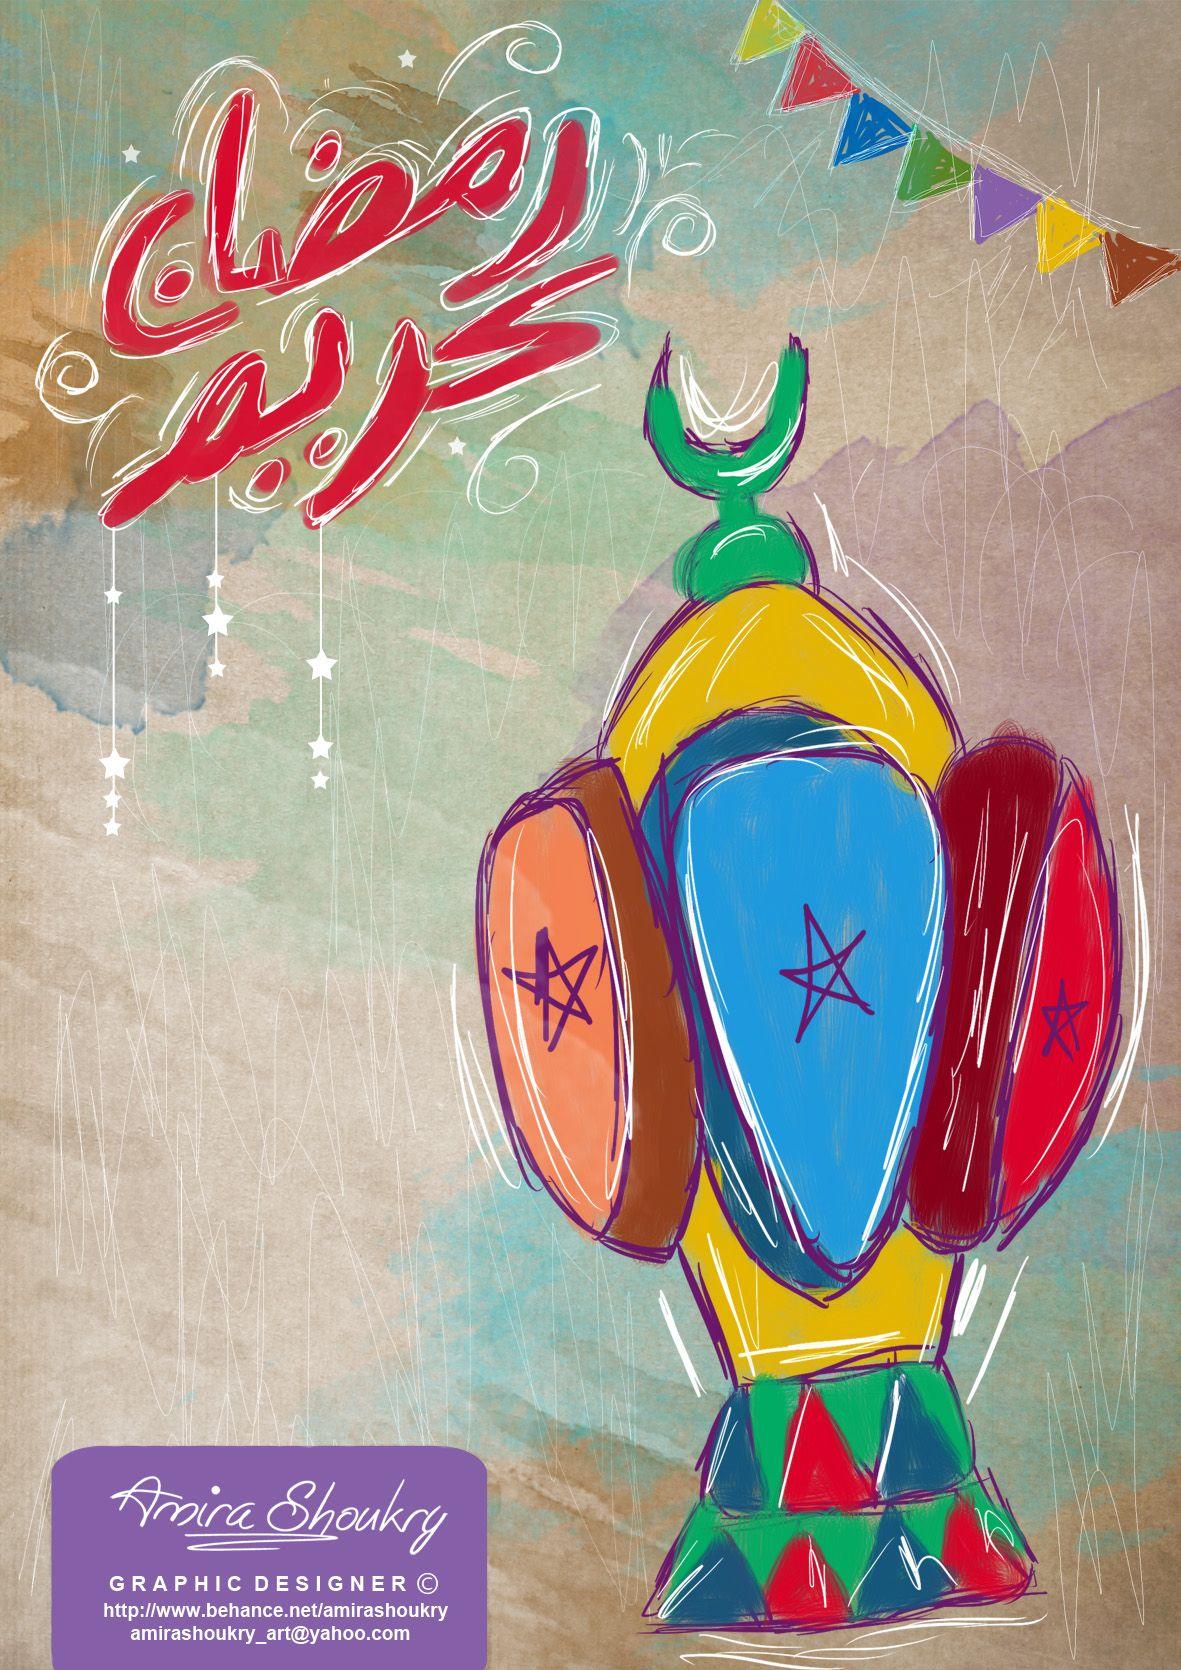 Big Set Of Ramadan Kareem Sketches With Images Ramadan Kareem